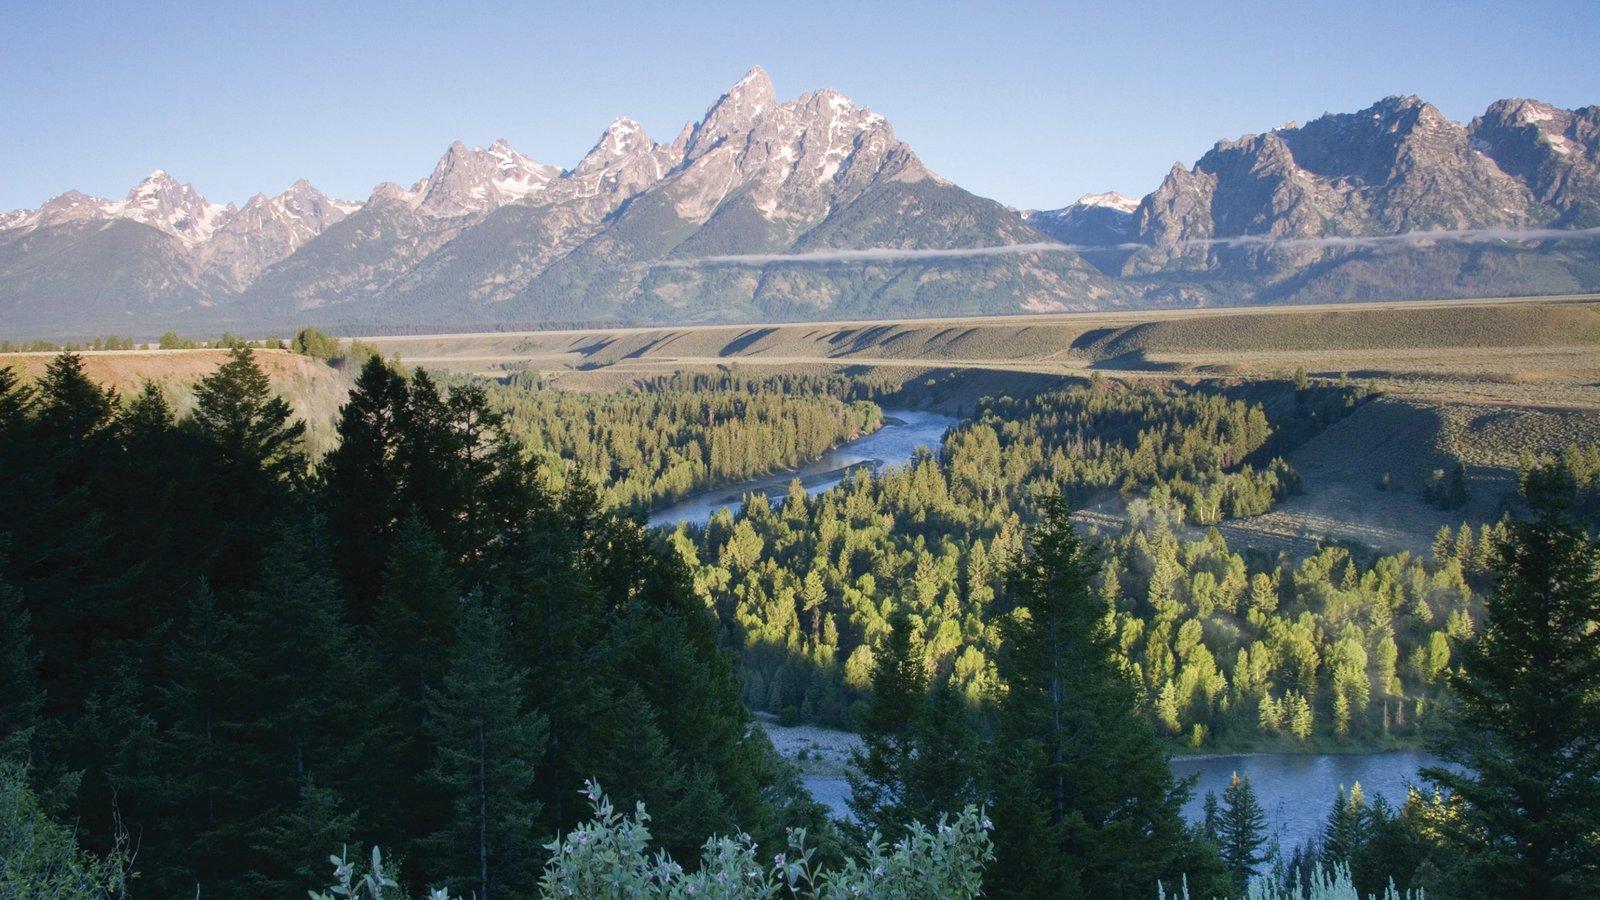 Jackson Hole mostrando paisagem, um rio ou córrego e montanhas